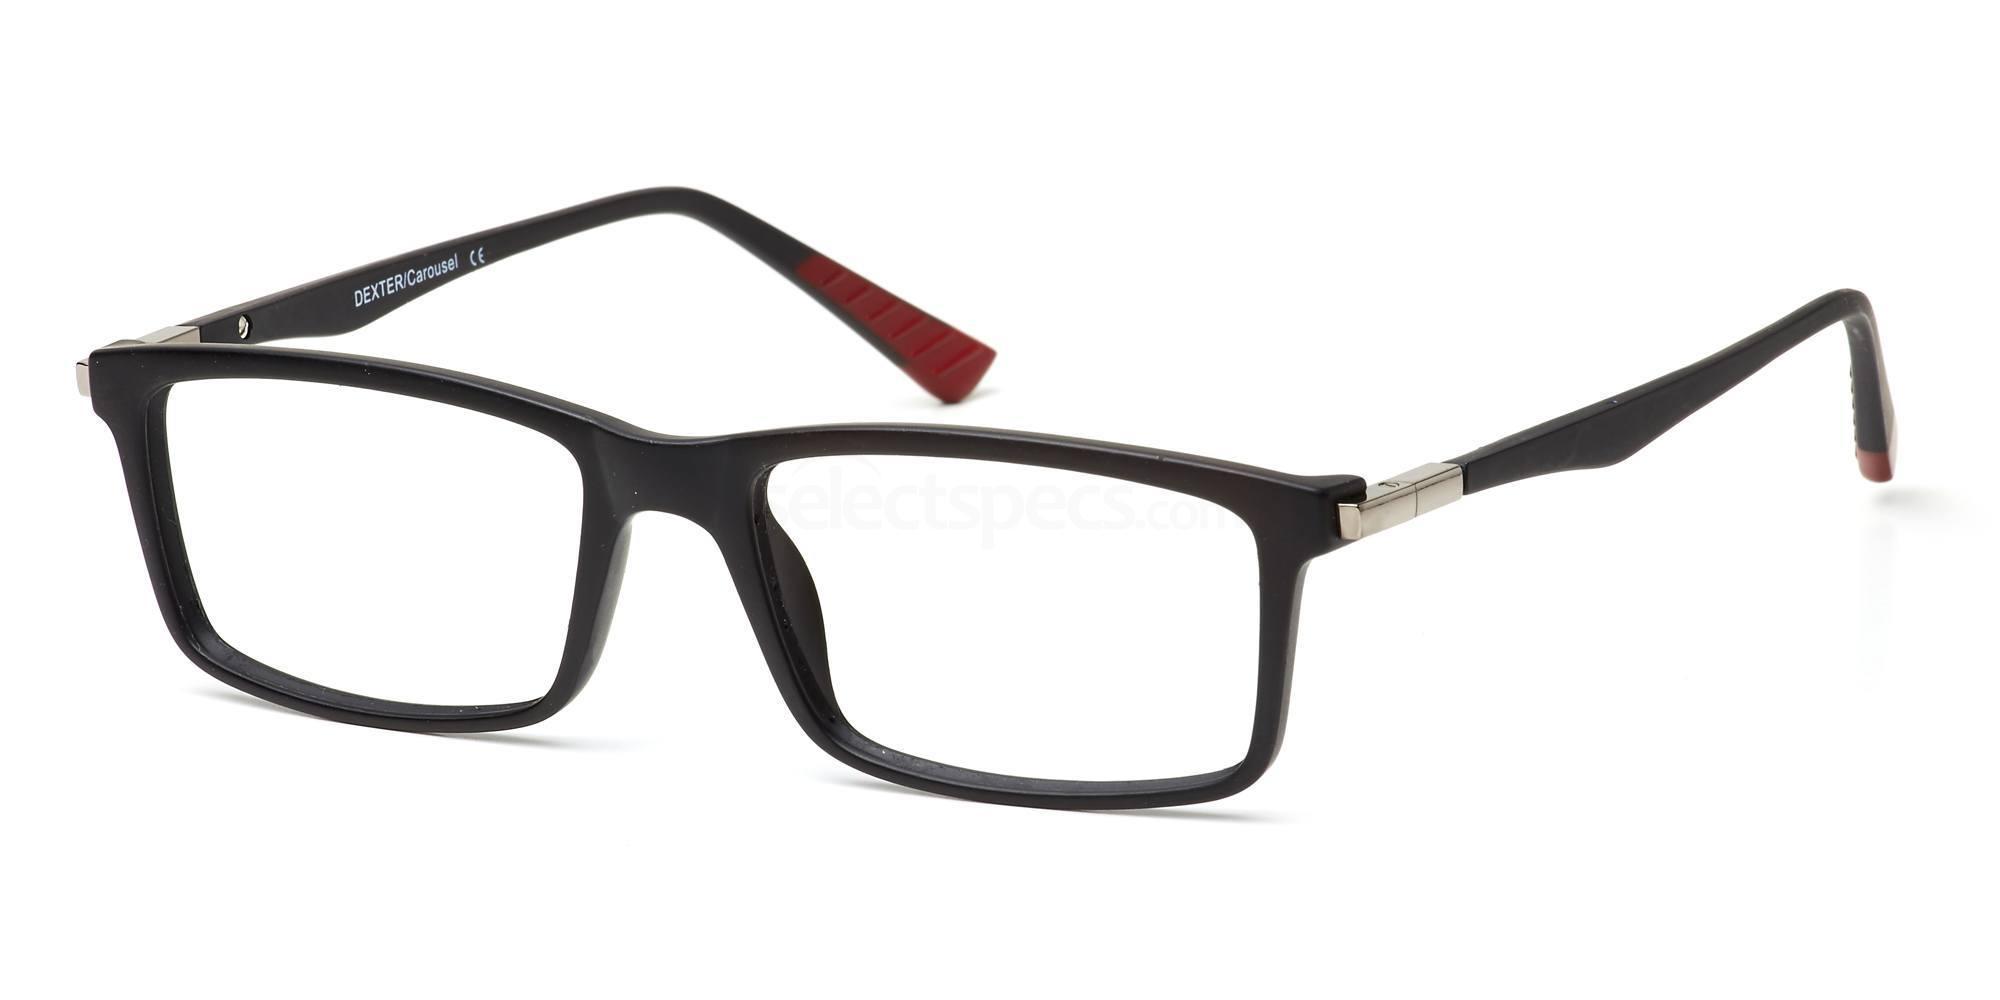 C1 DEXTER Glasses, Carousel